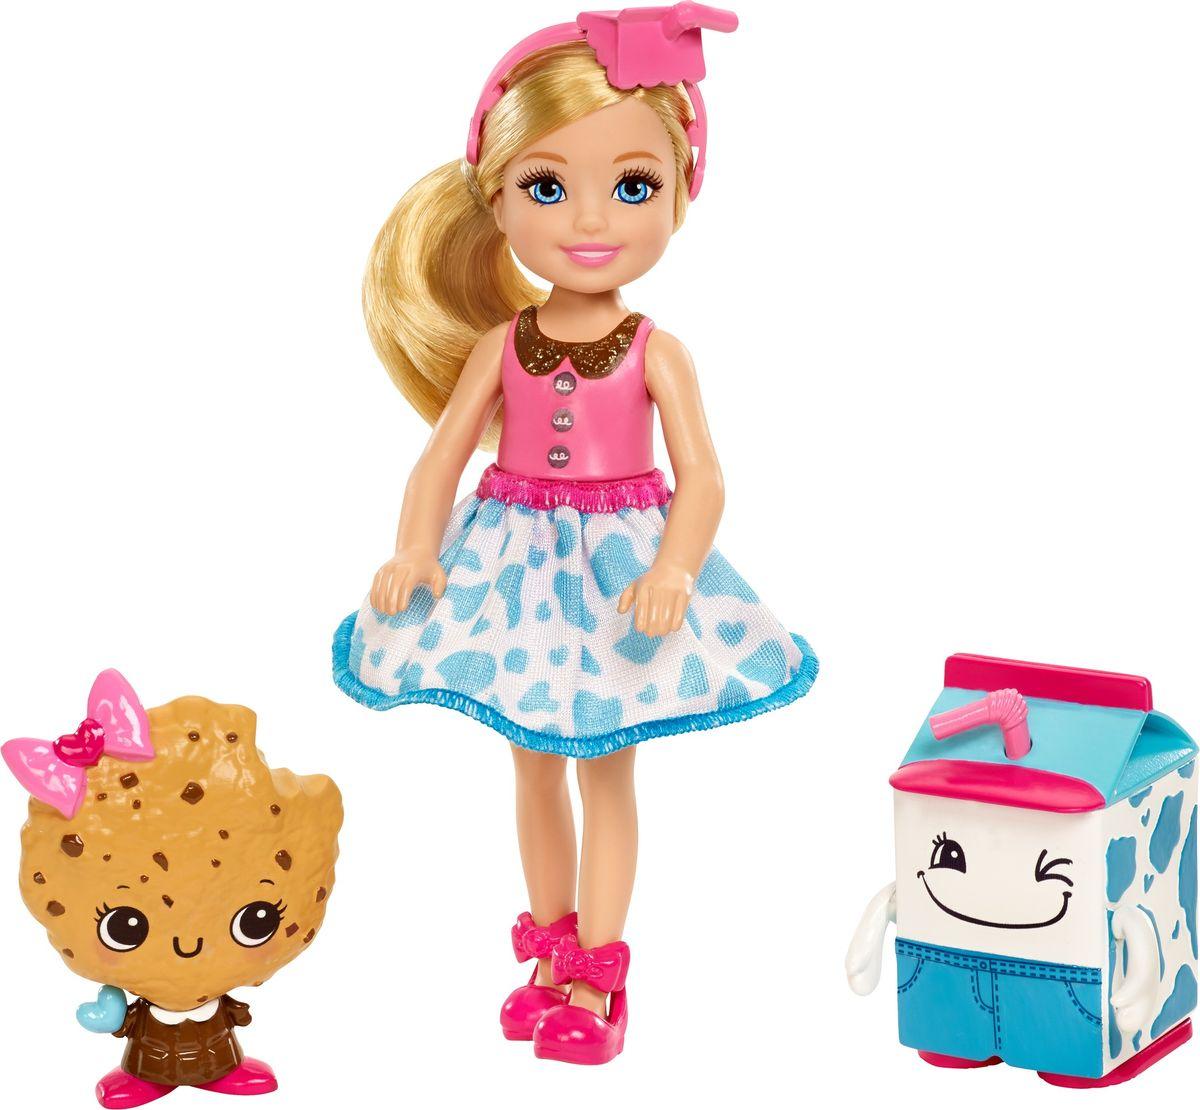 Barbie Кукла Челси и сладости цвет платья голубой розовый